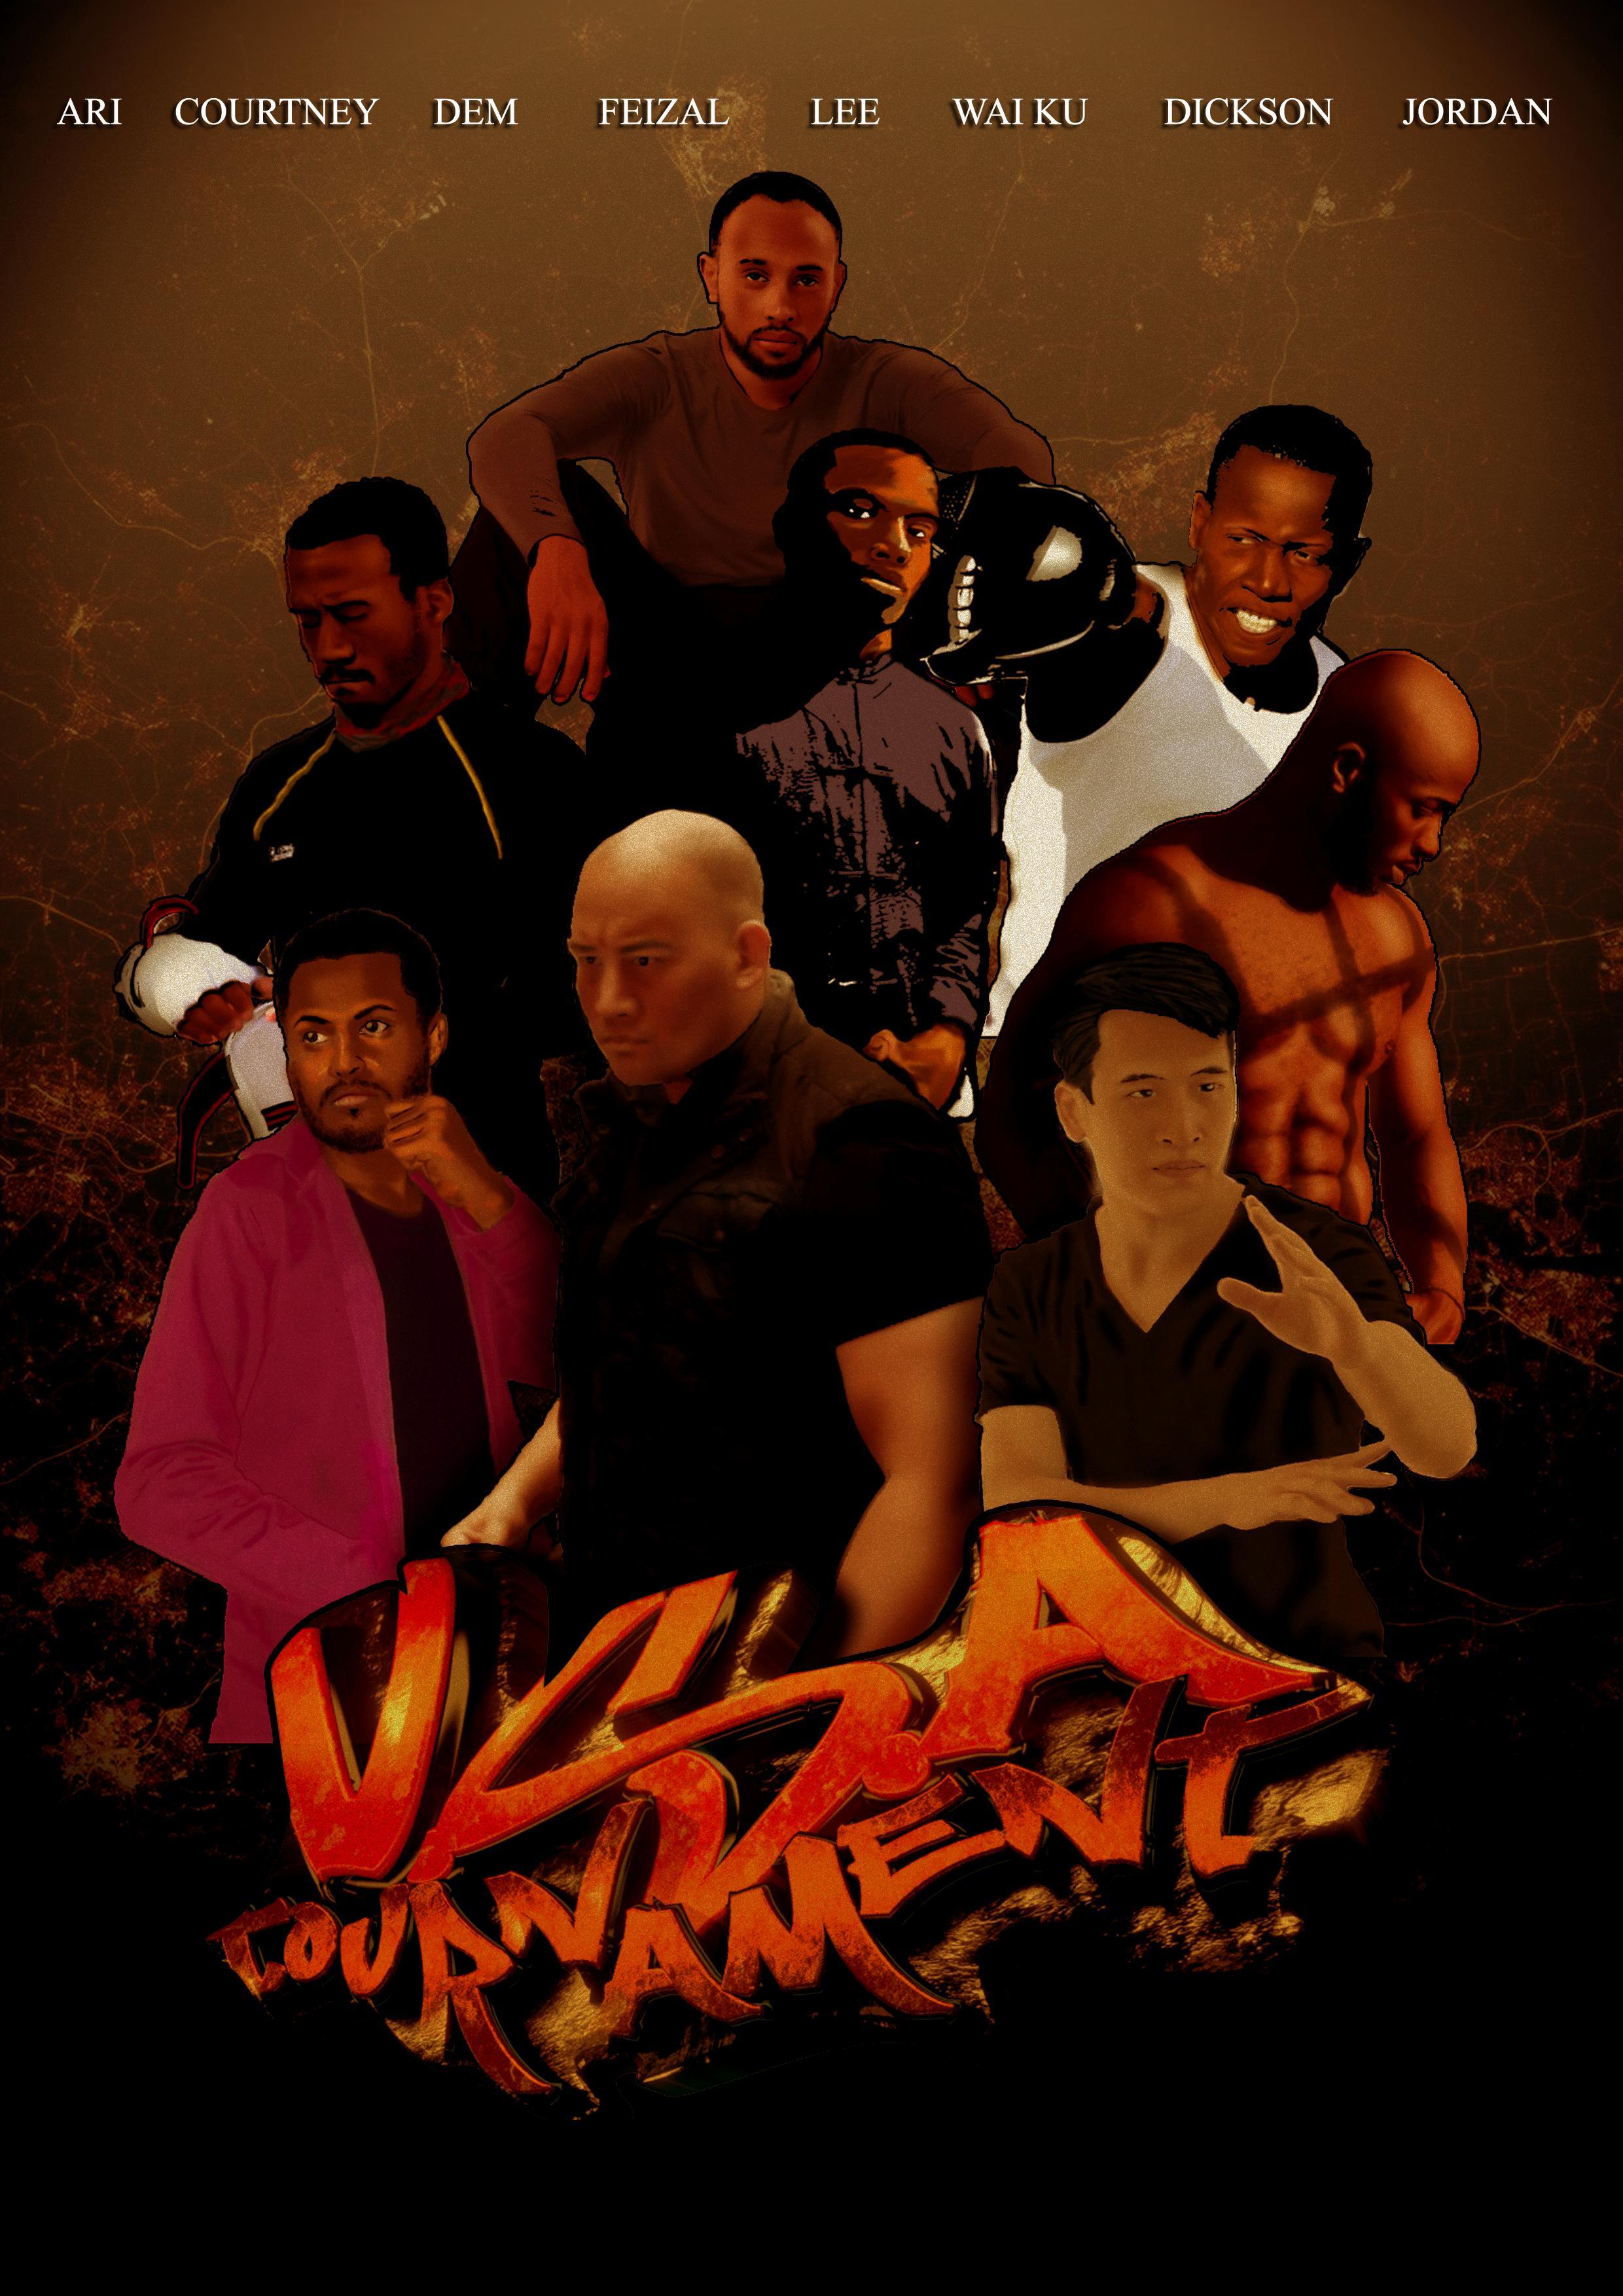 V.S.A Tournament